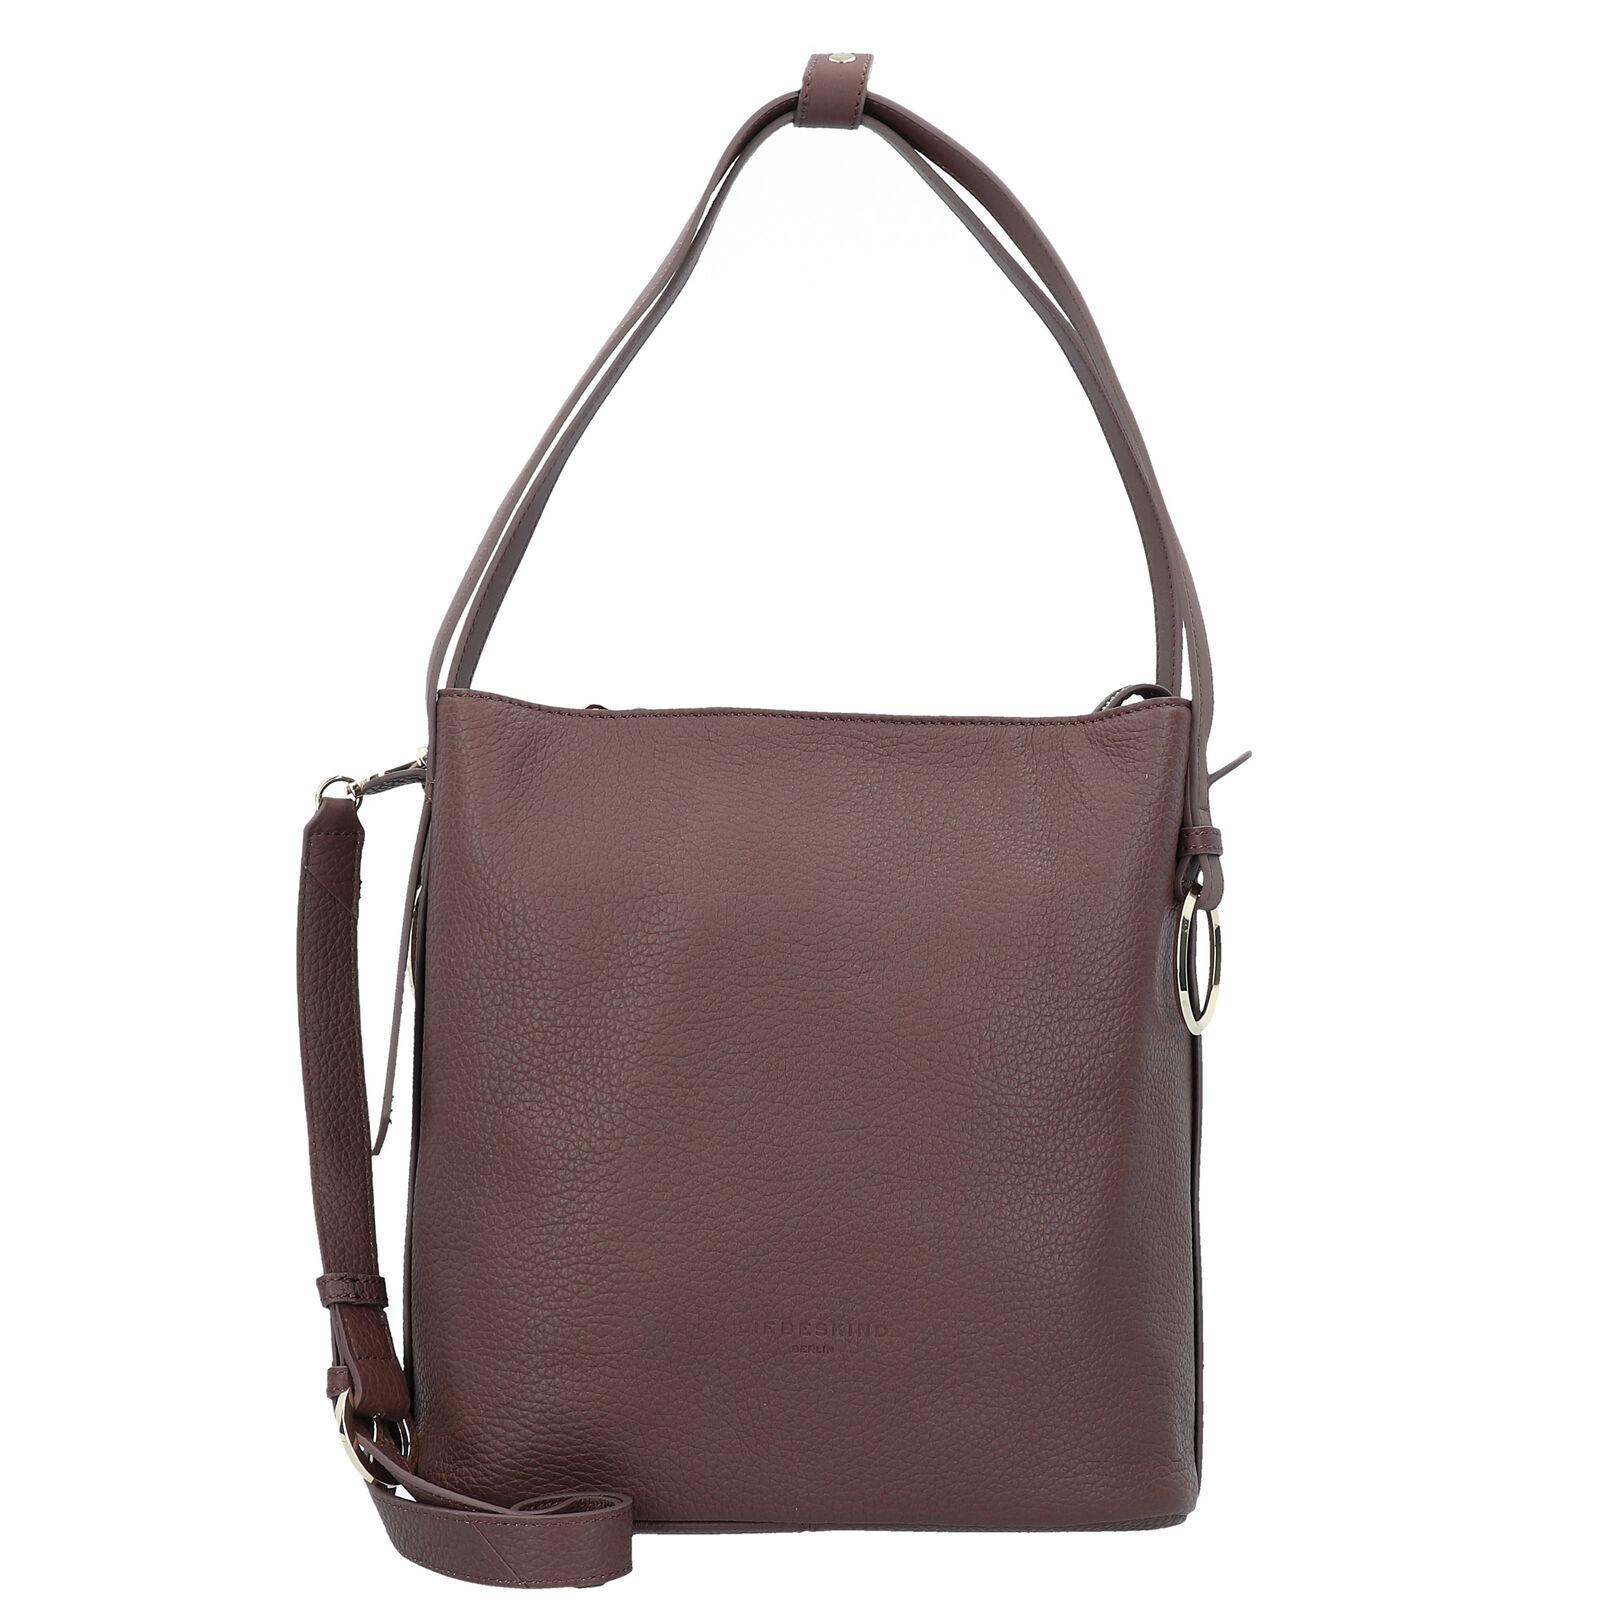 Liebeskind Millennium Hobo Schultertasche Handtasche Leder 27 27 27 cm (french roast) | Mittel Preis  | Stilvoll und lustig  | Erste Gruppe von Kunden  43fef3